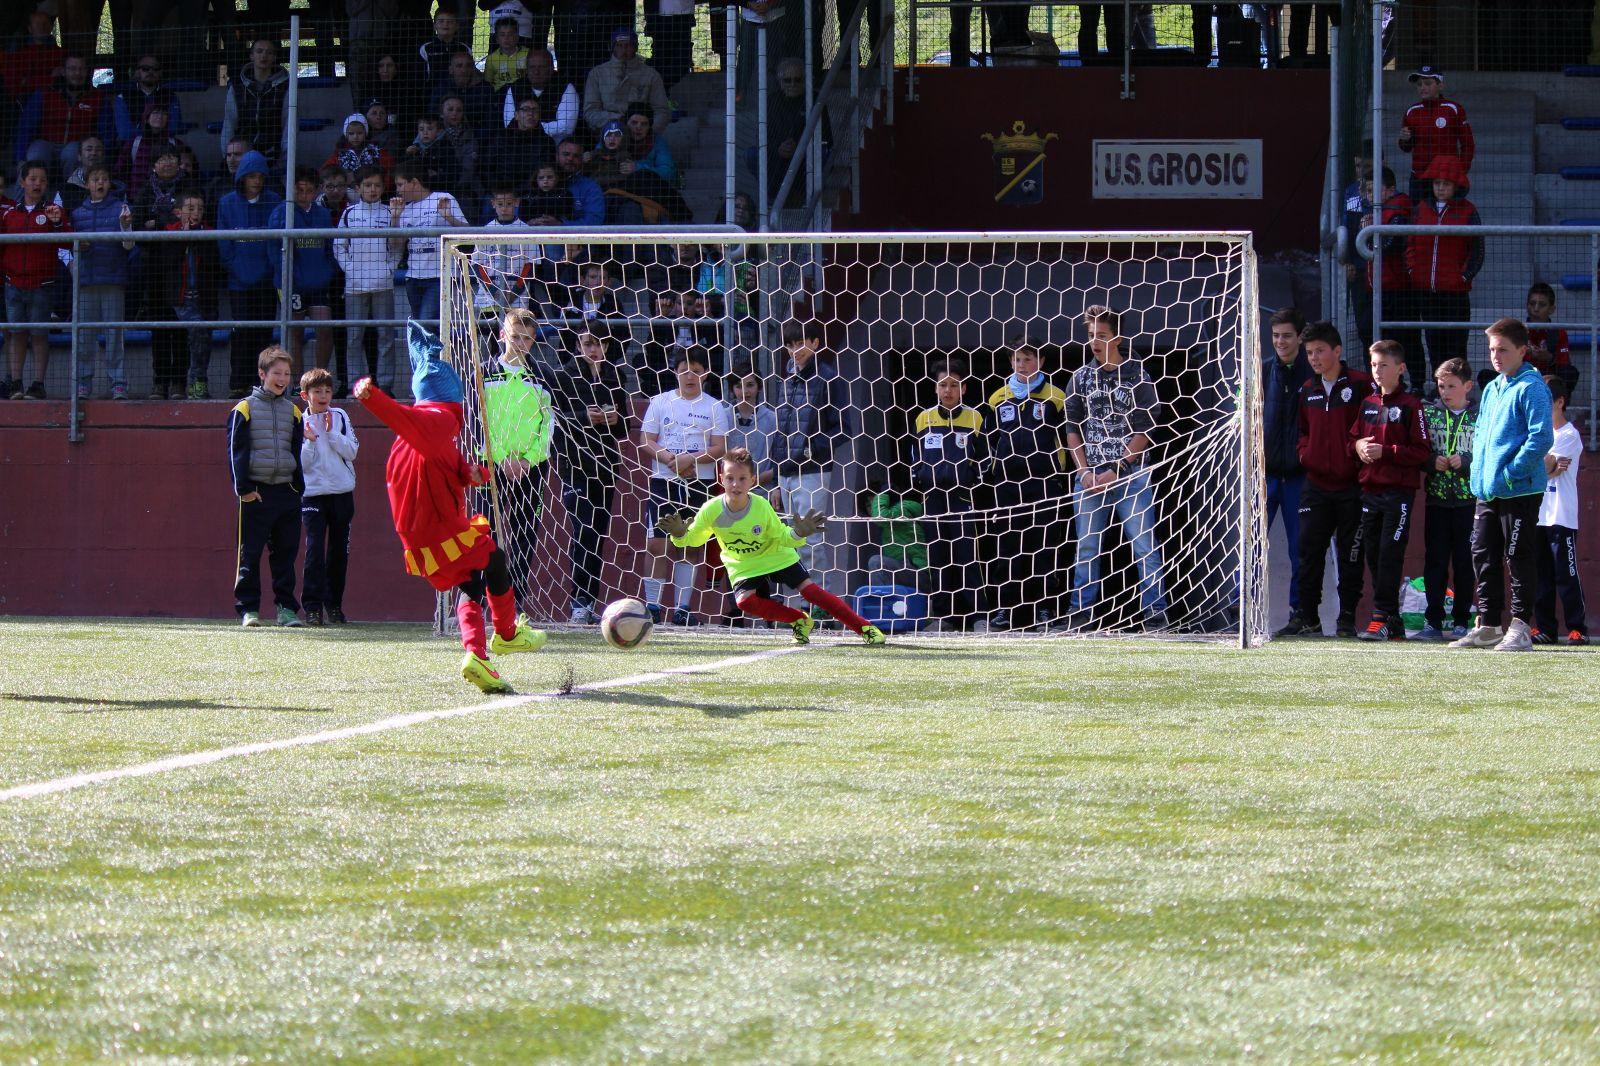 Vivai Di Calcio : Calcio ravenna nel vivaio non sono gradite pettinature strane